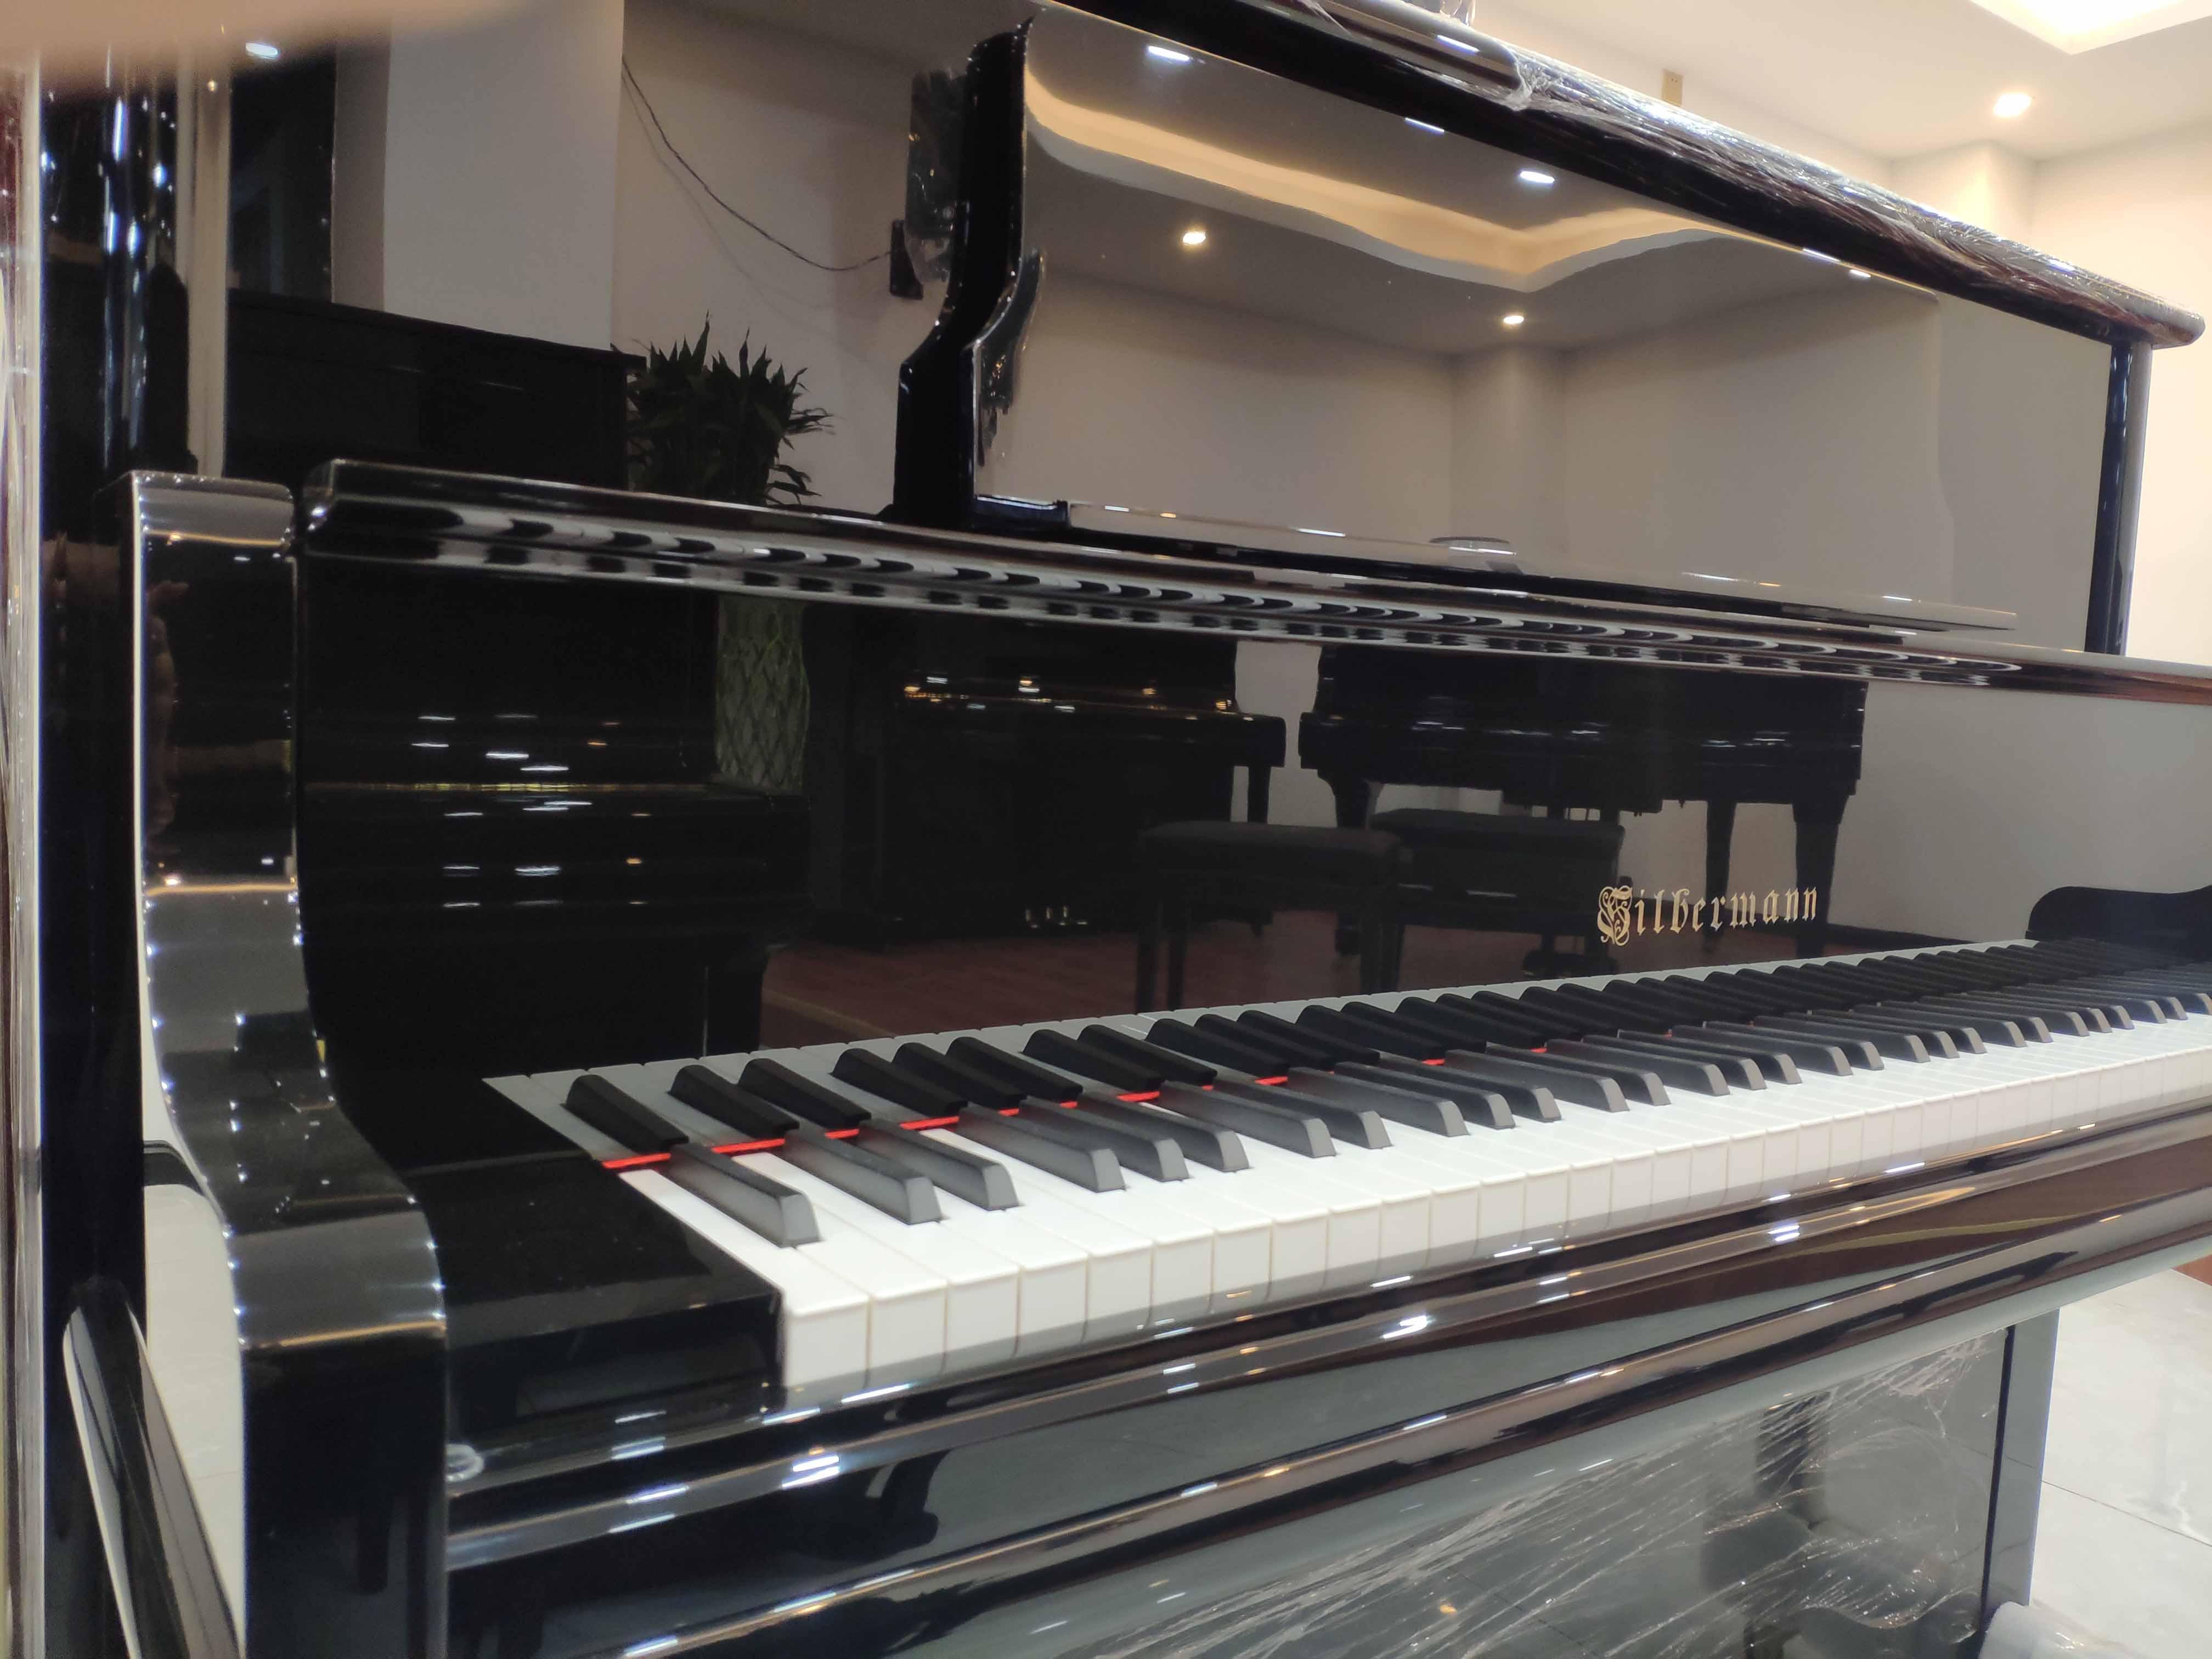 挑钢琴必须知道:钢琴的价格也是其中的一项